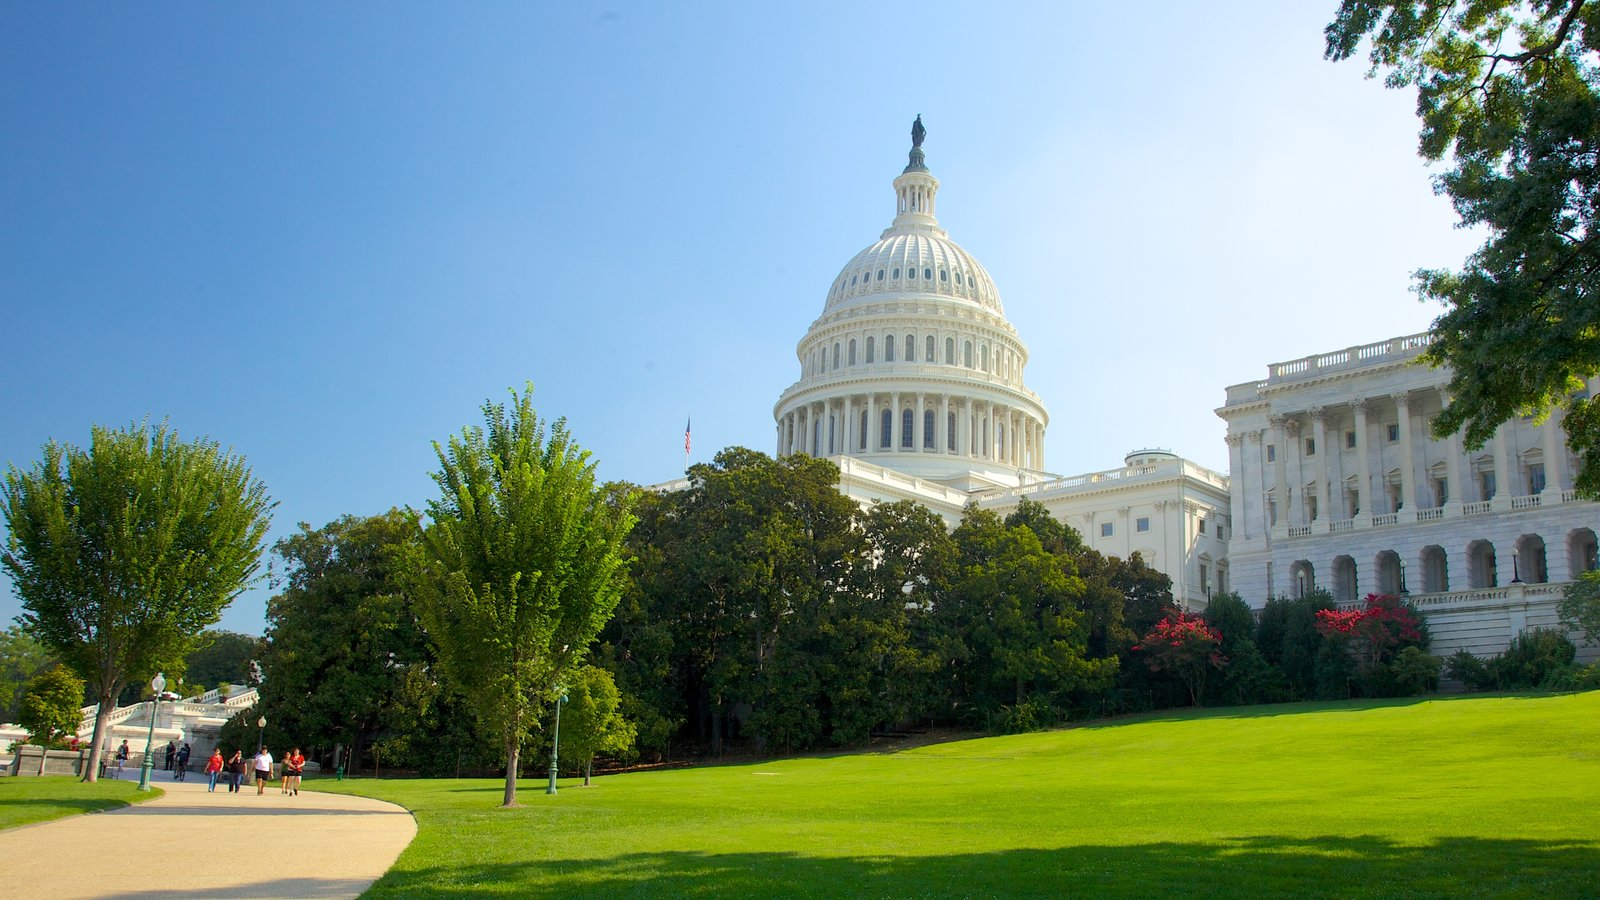 Capitólio dos Estados Unidos caracterizando um jardim, uma cidade e arquitetura de patrimônio